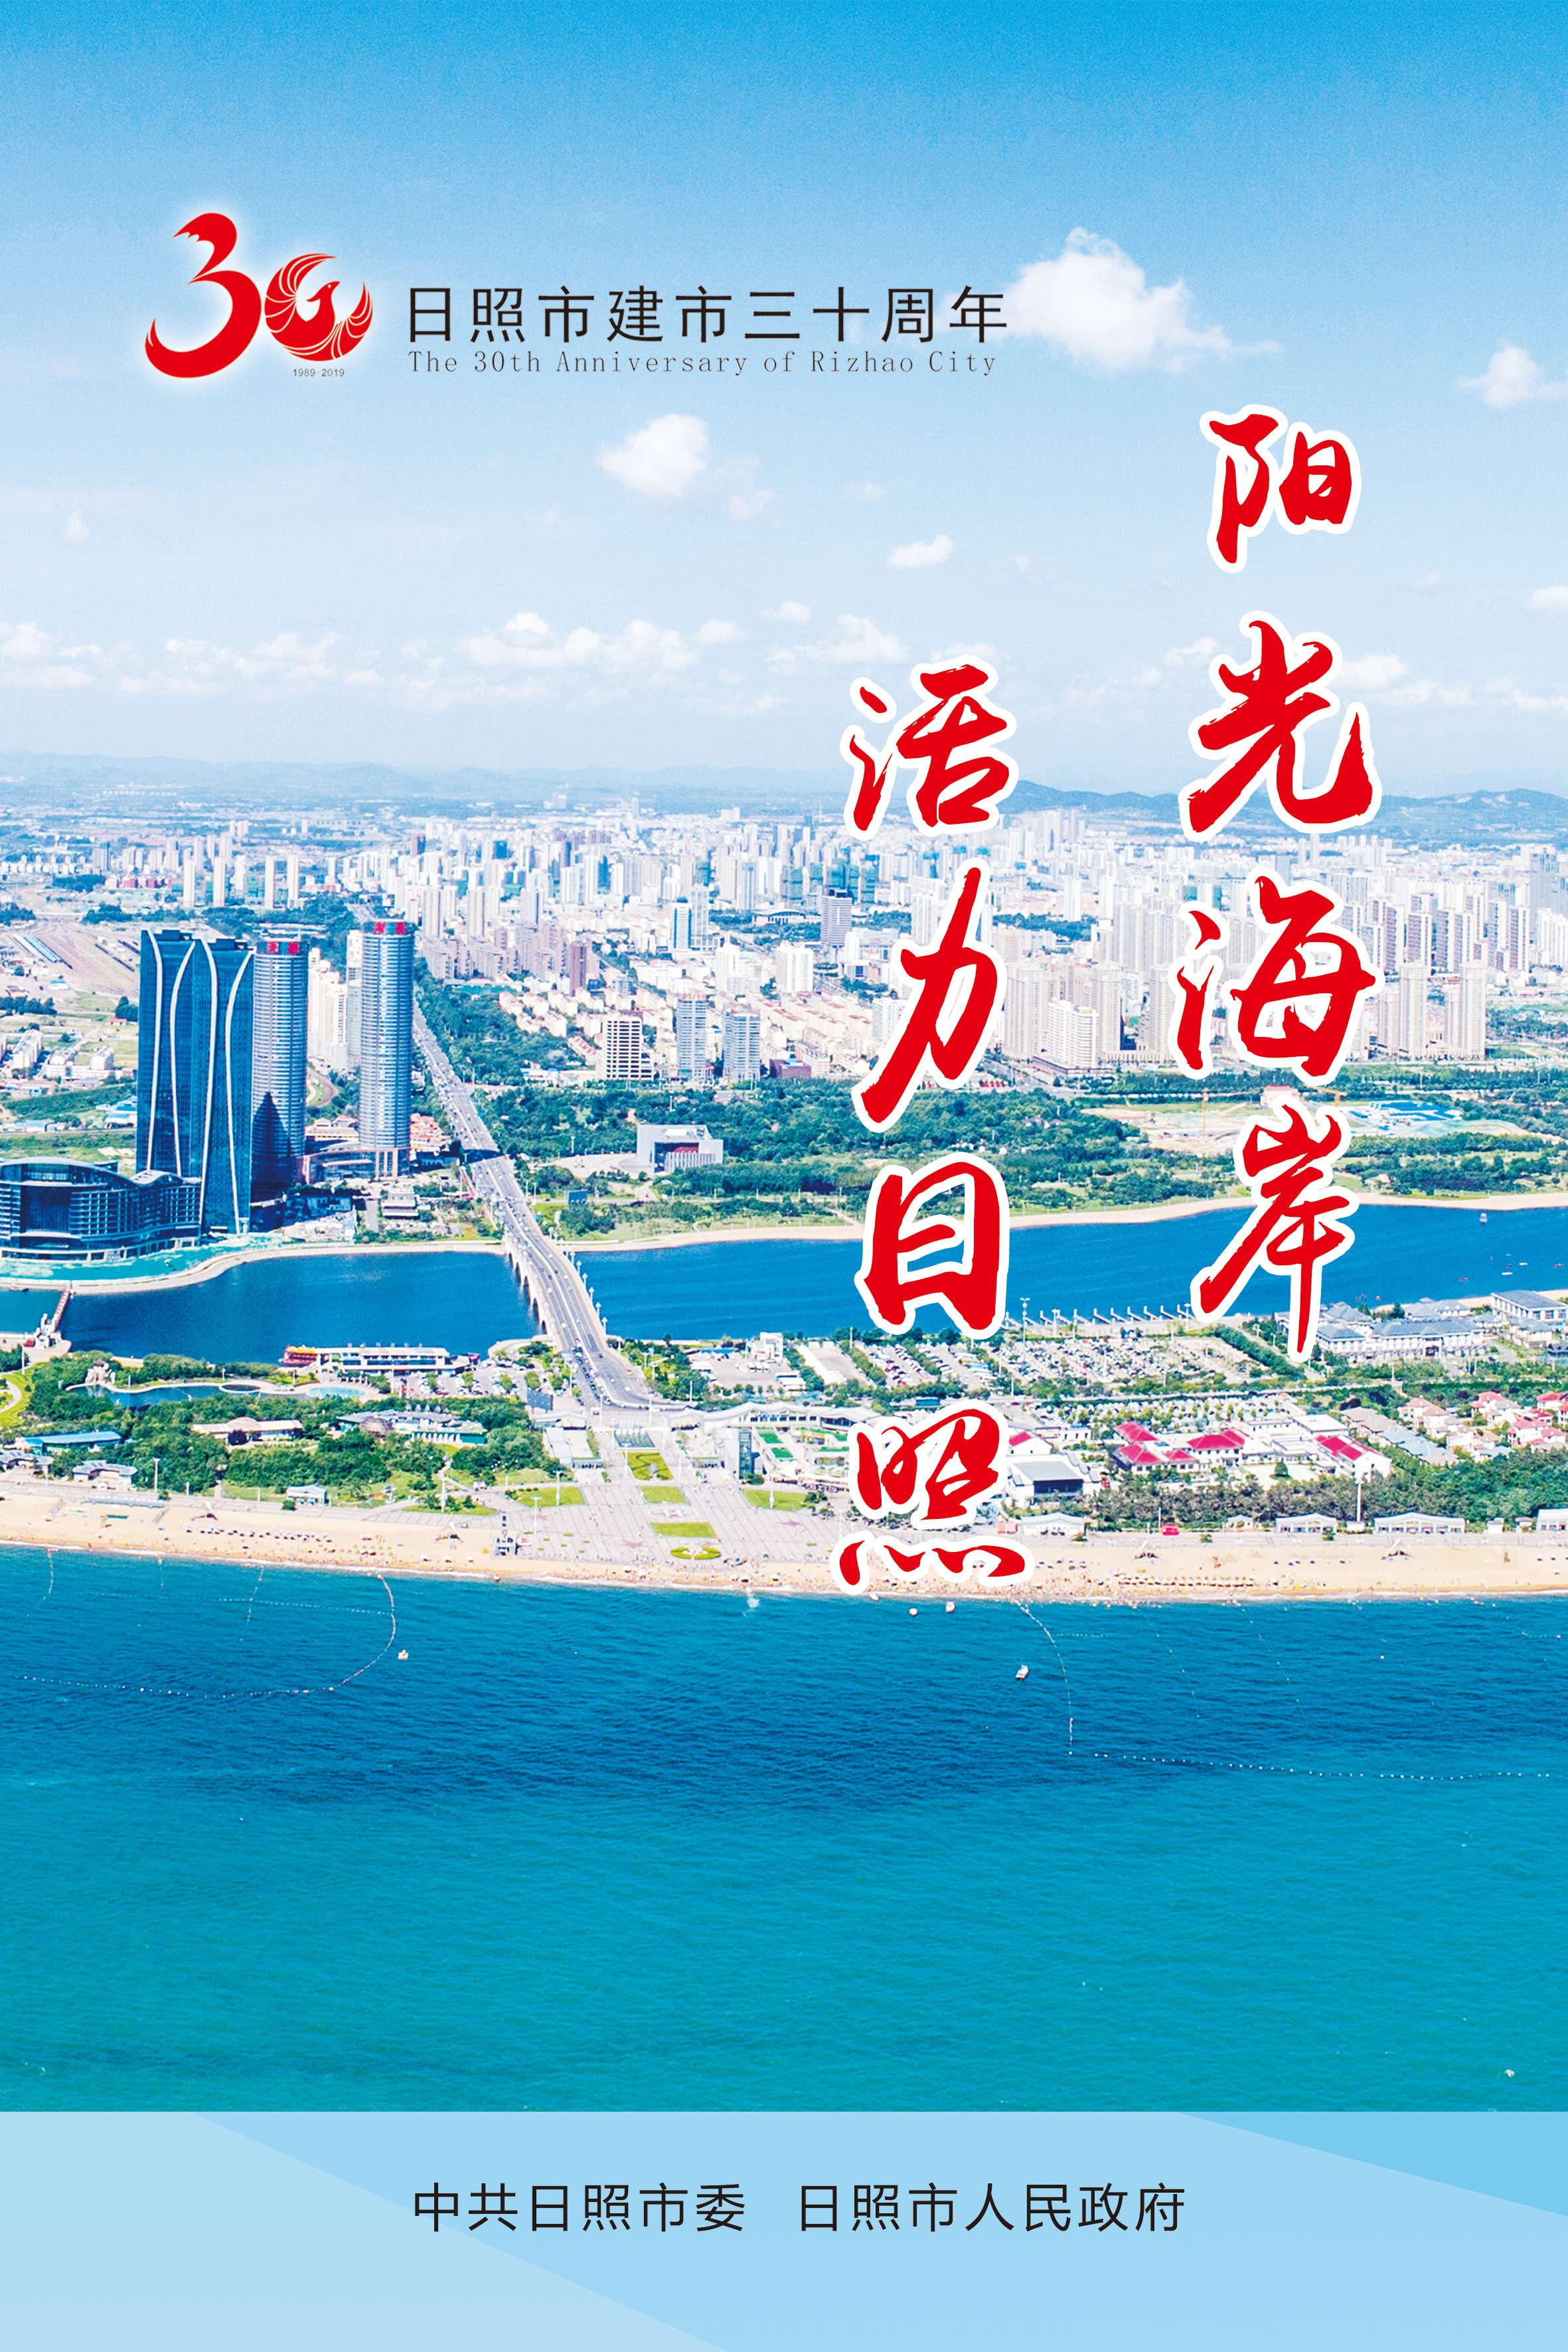 日照市建市30周年宣传画竖幅之三_看图王.jpg